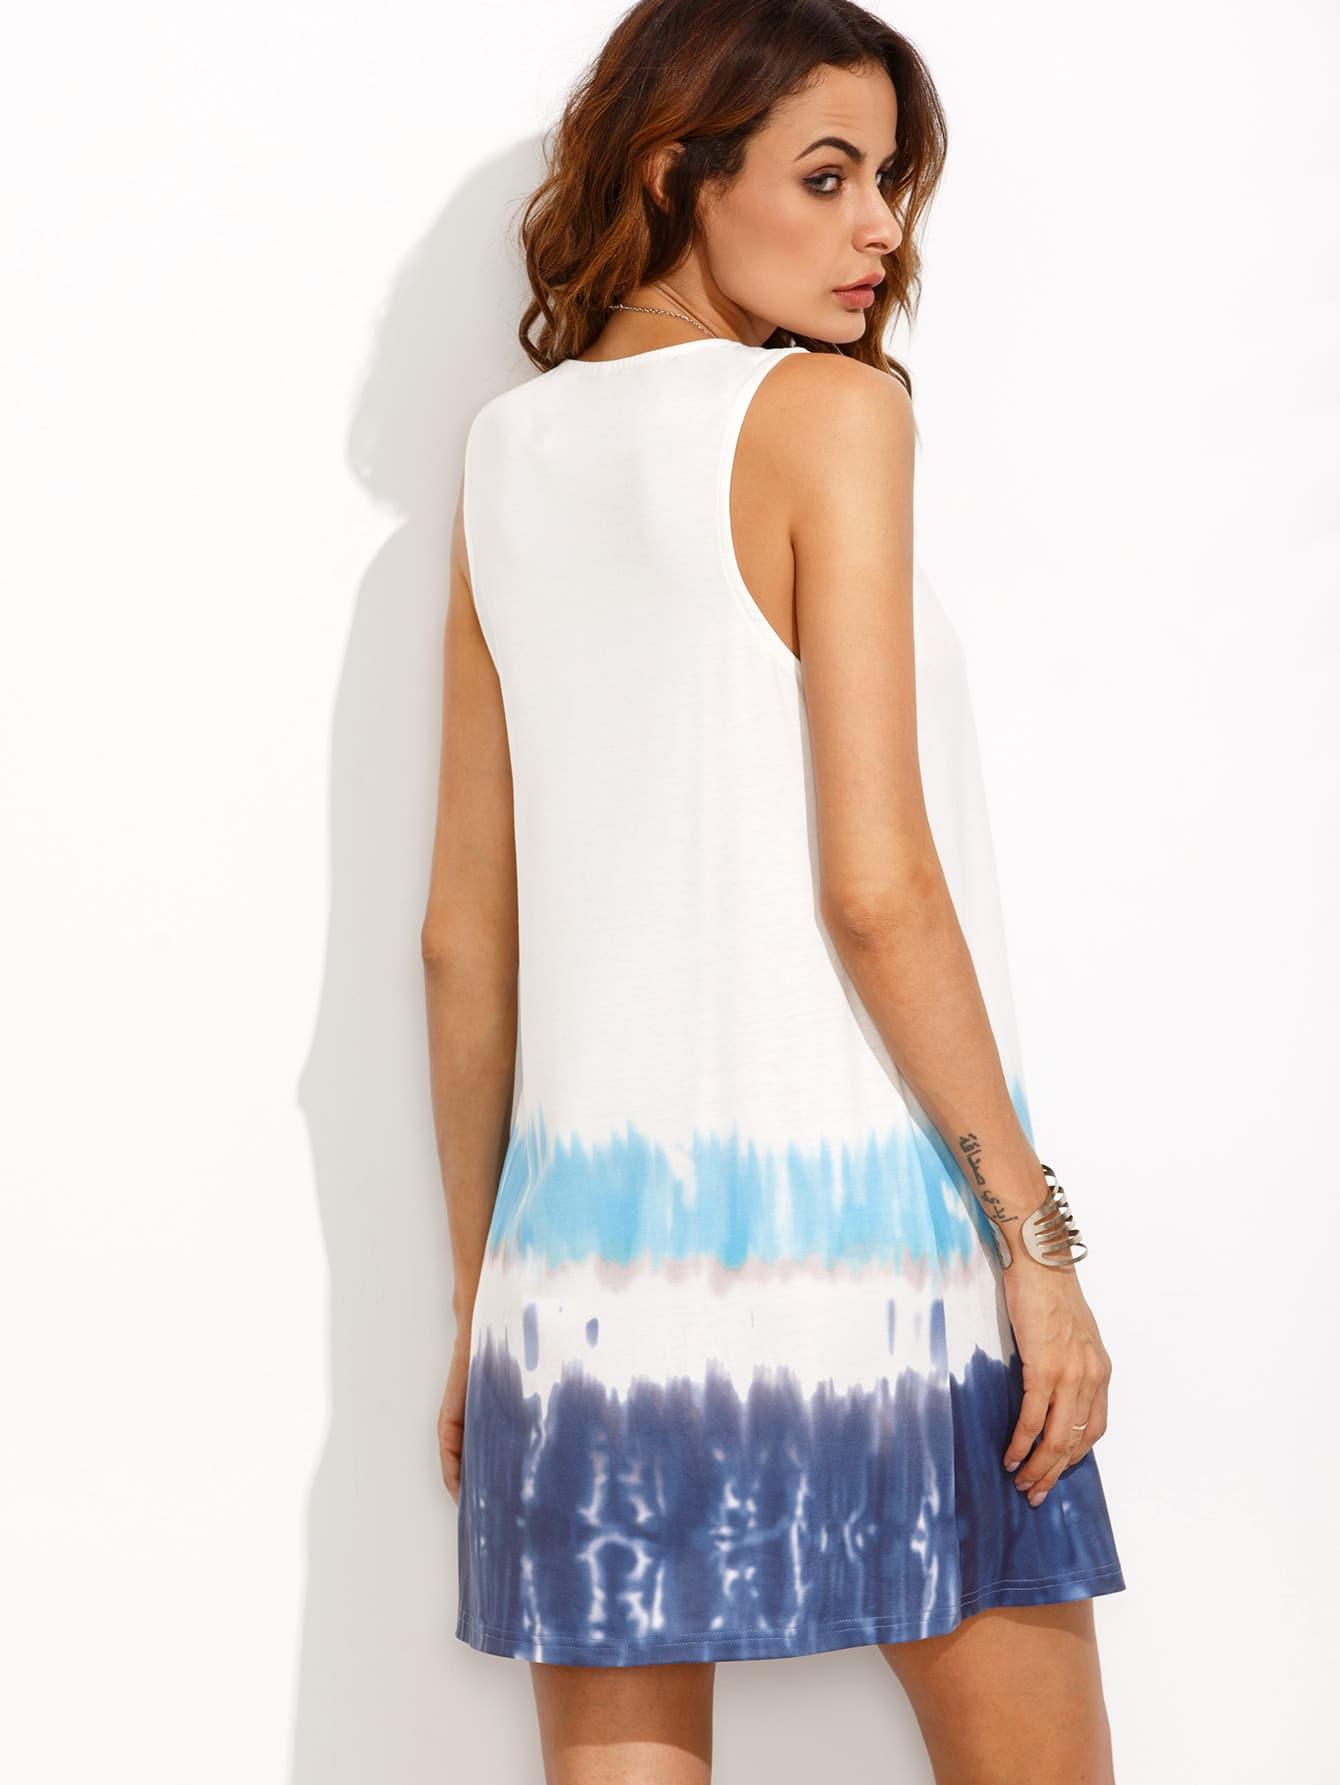 dress160803514_3